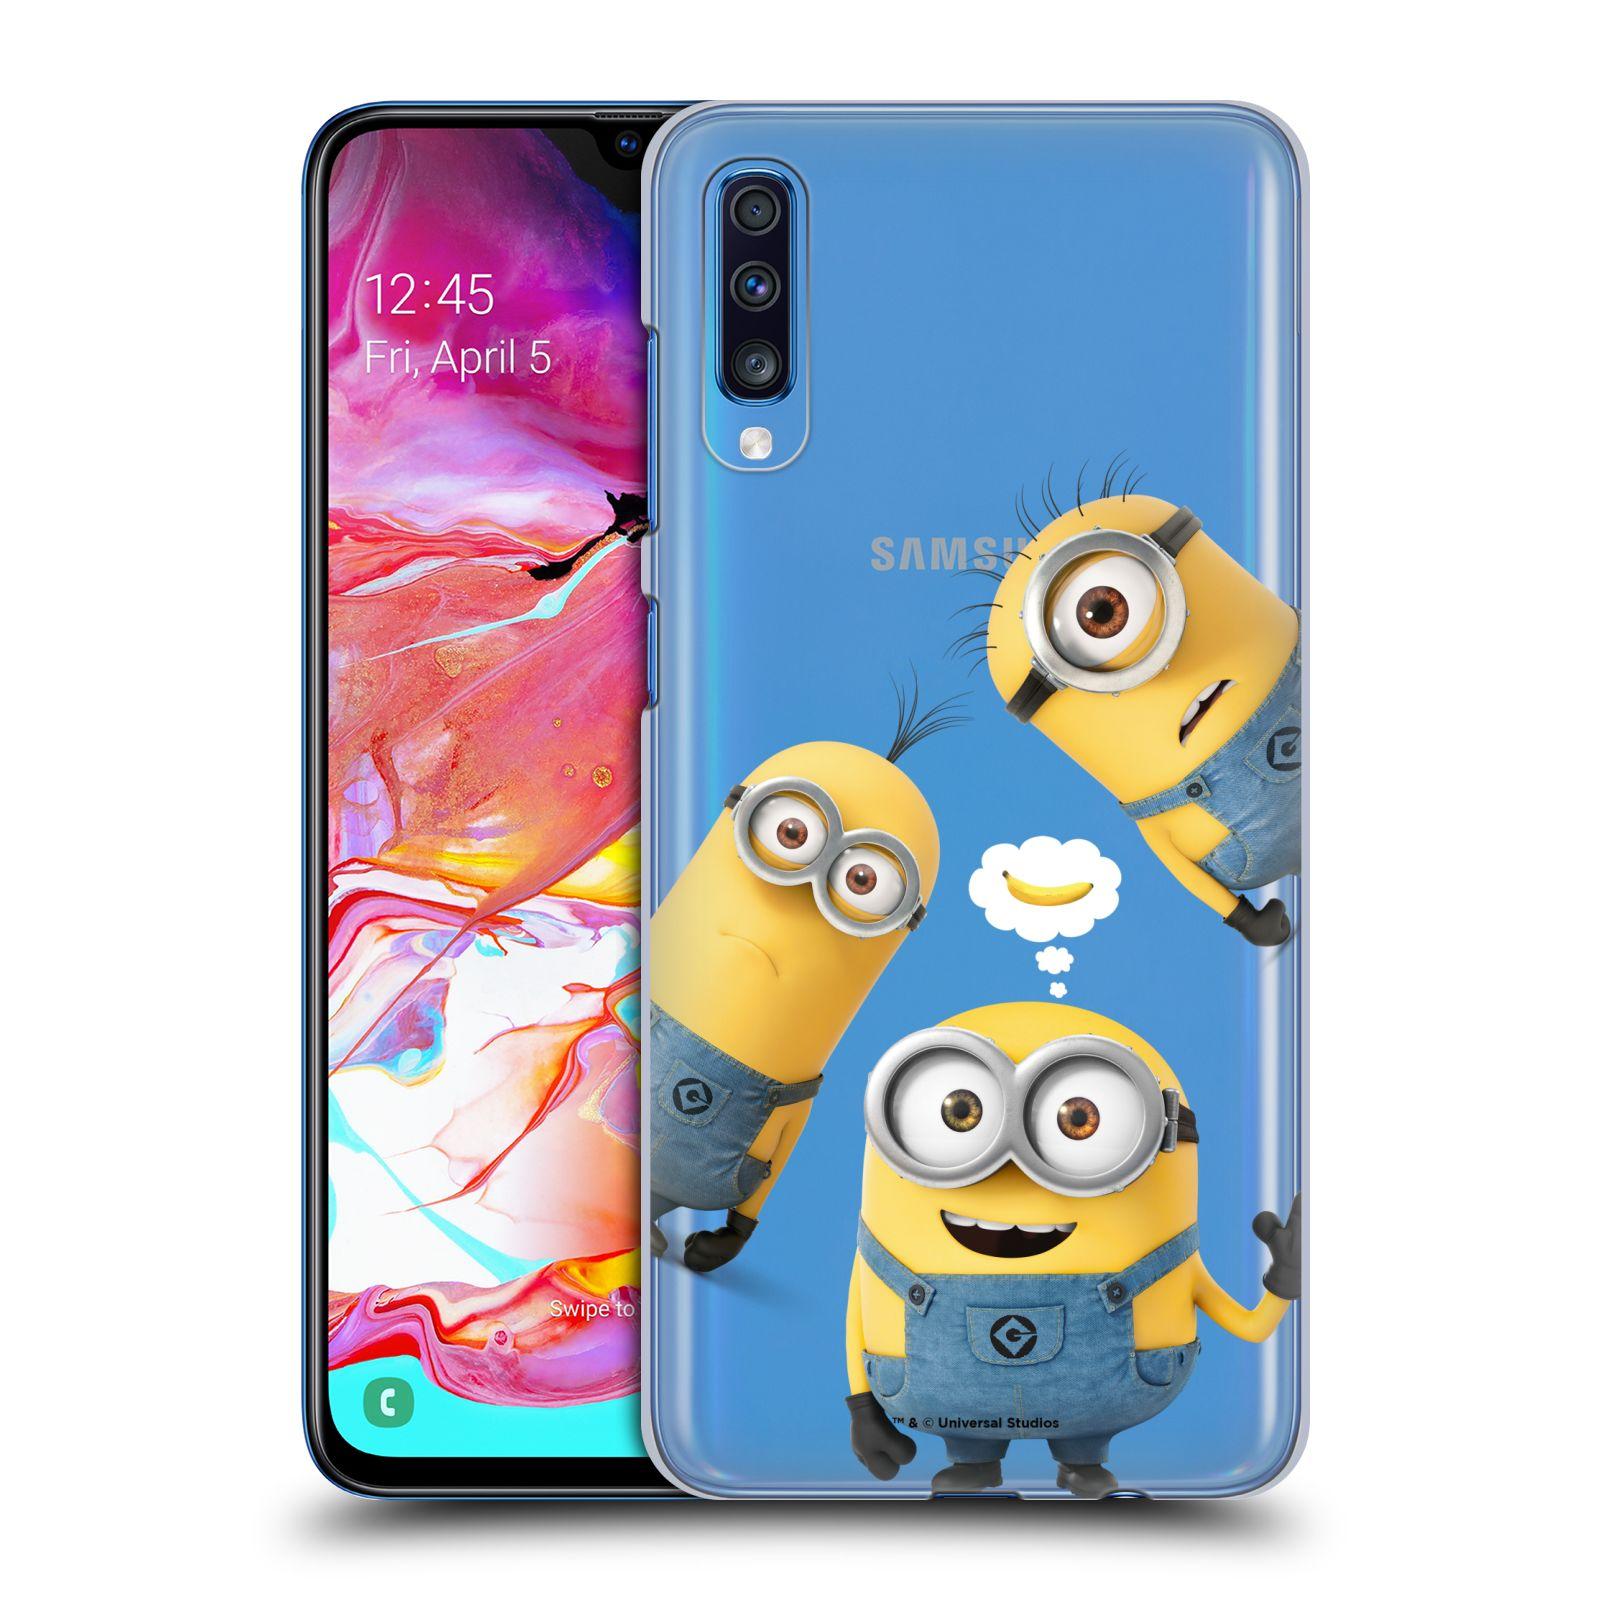 Plastové pouzdro na mobil Samsung Galaxy A70 - Head Case - Mimoni Banana z filmu Já, padouch - Despicable Me